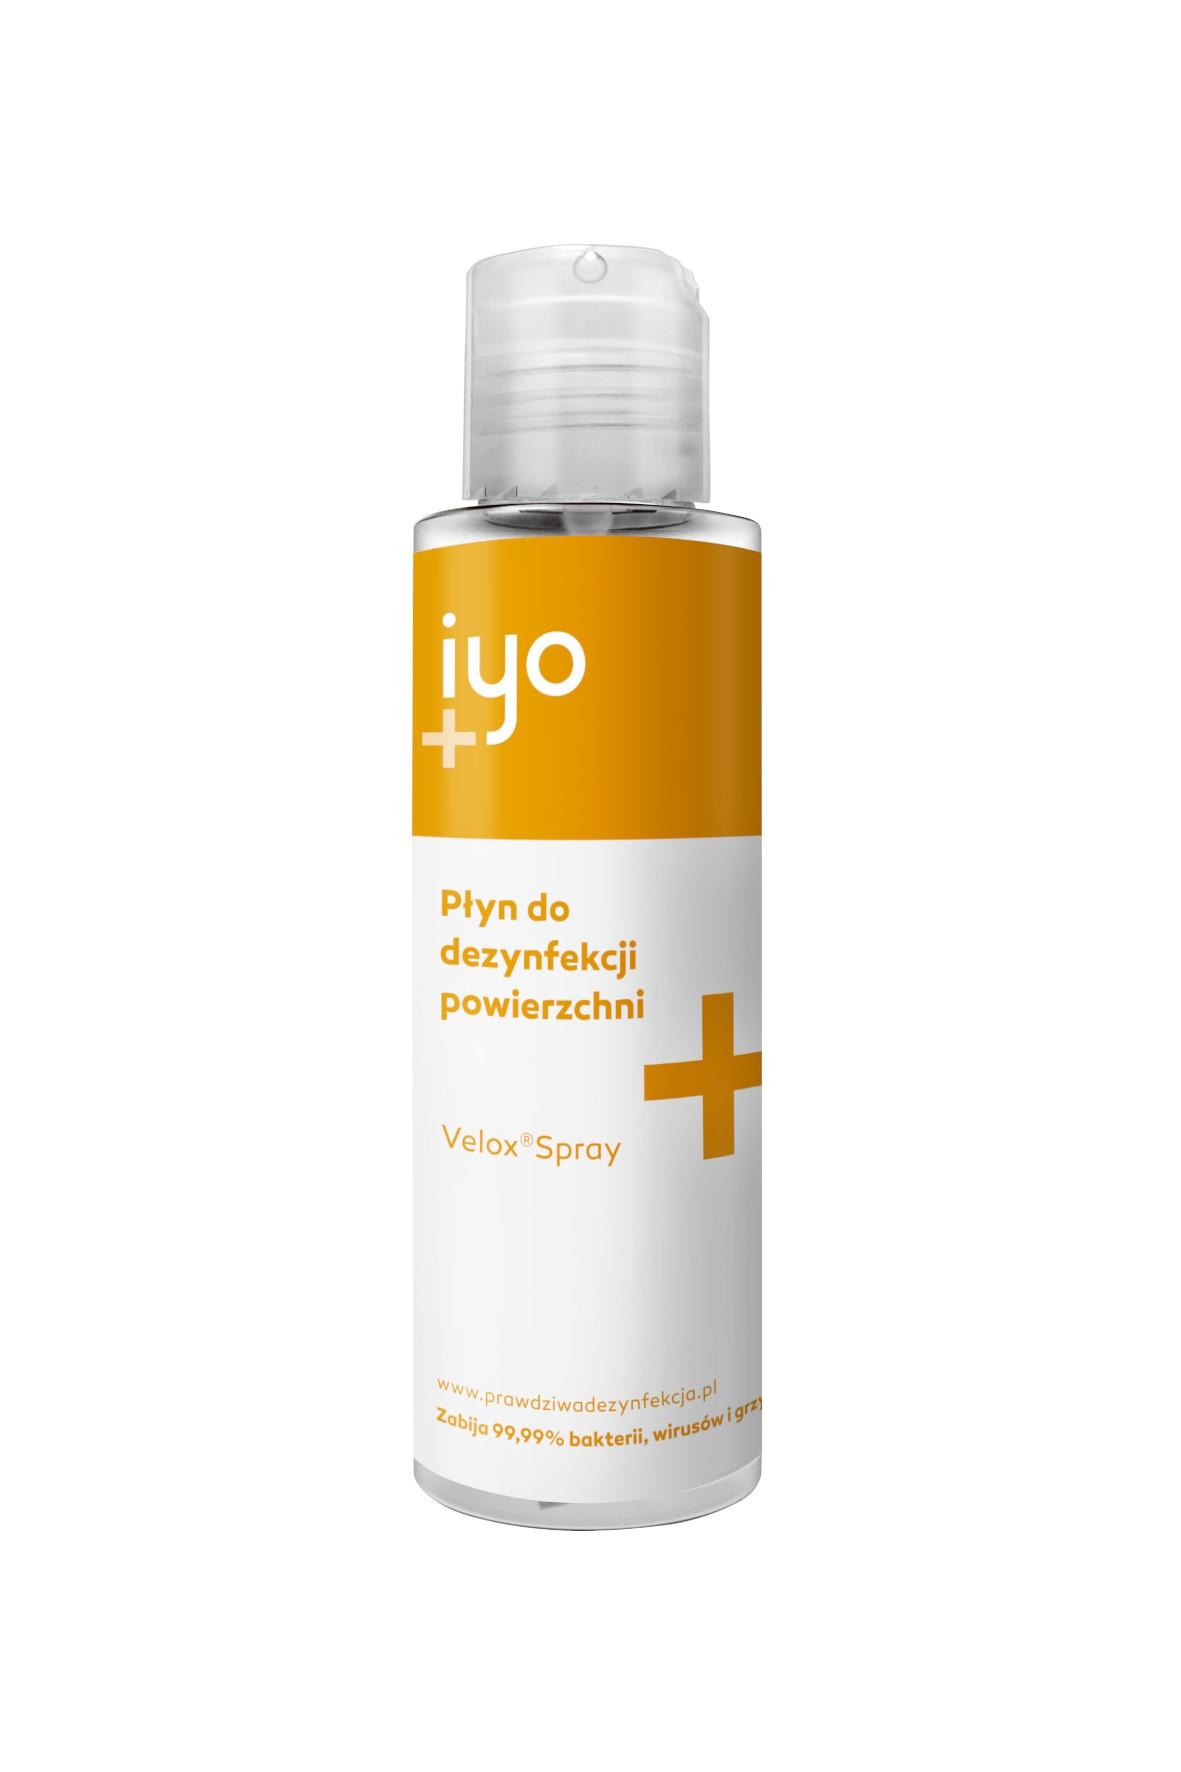 Velox Spray IYO 100ml – Spray do dezynfekcji powierzchni